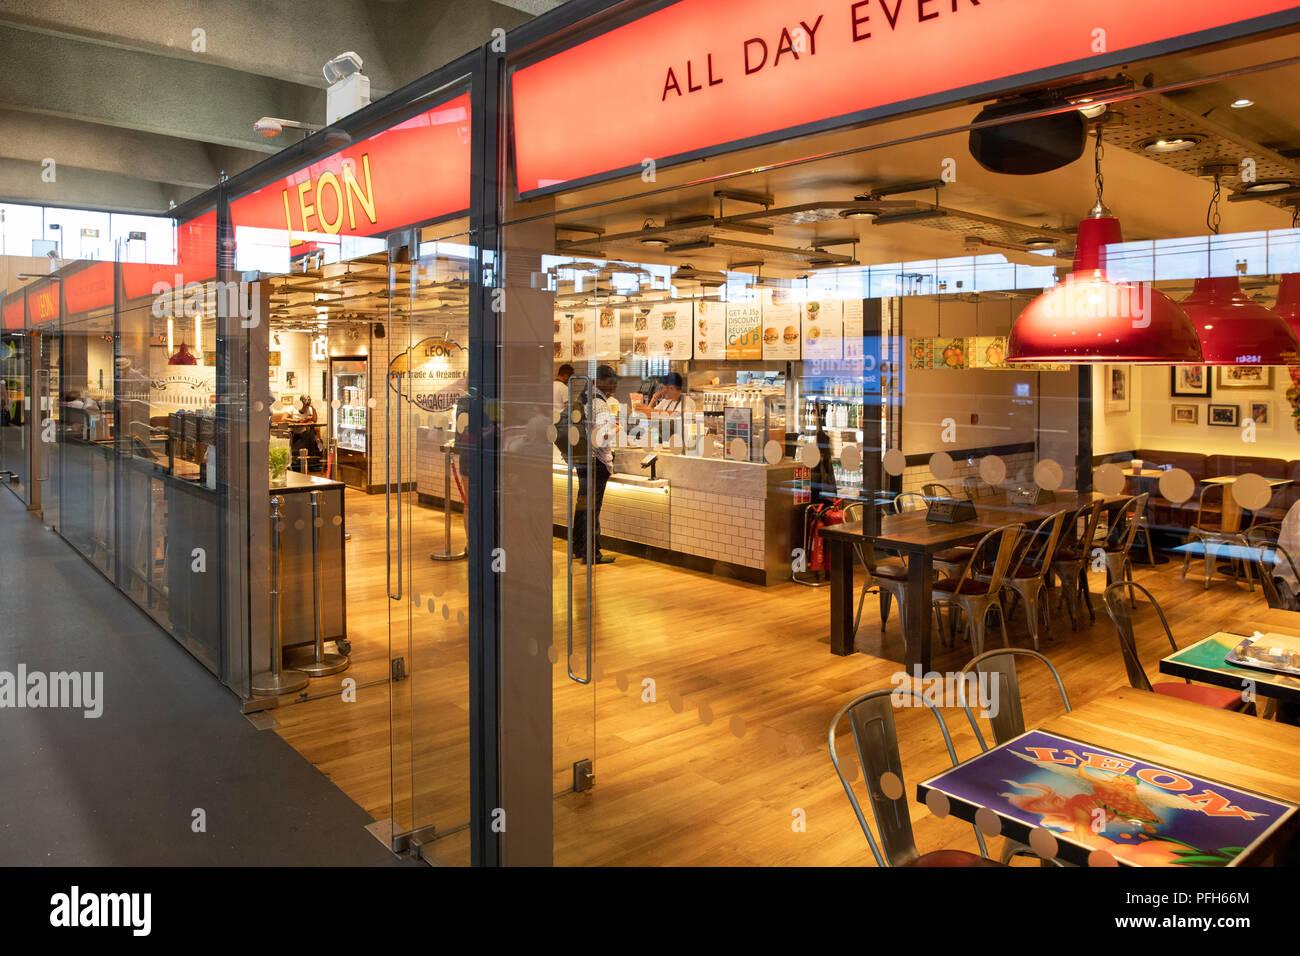 Leon restaurant in Euston station, London - Stock Image